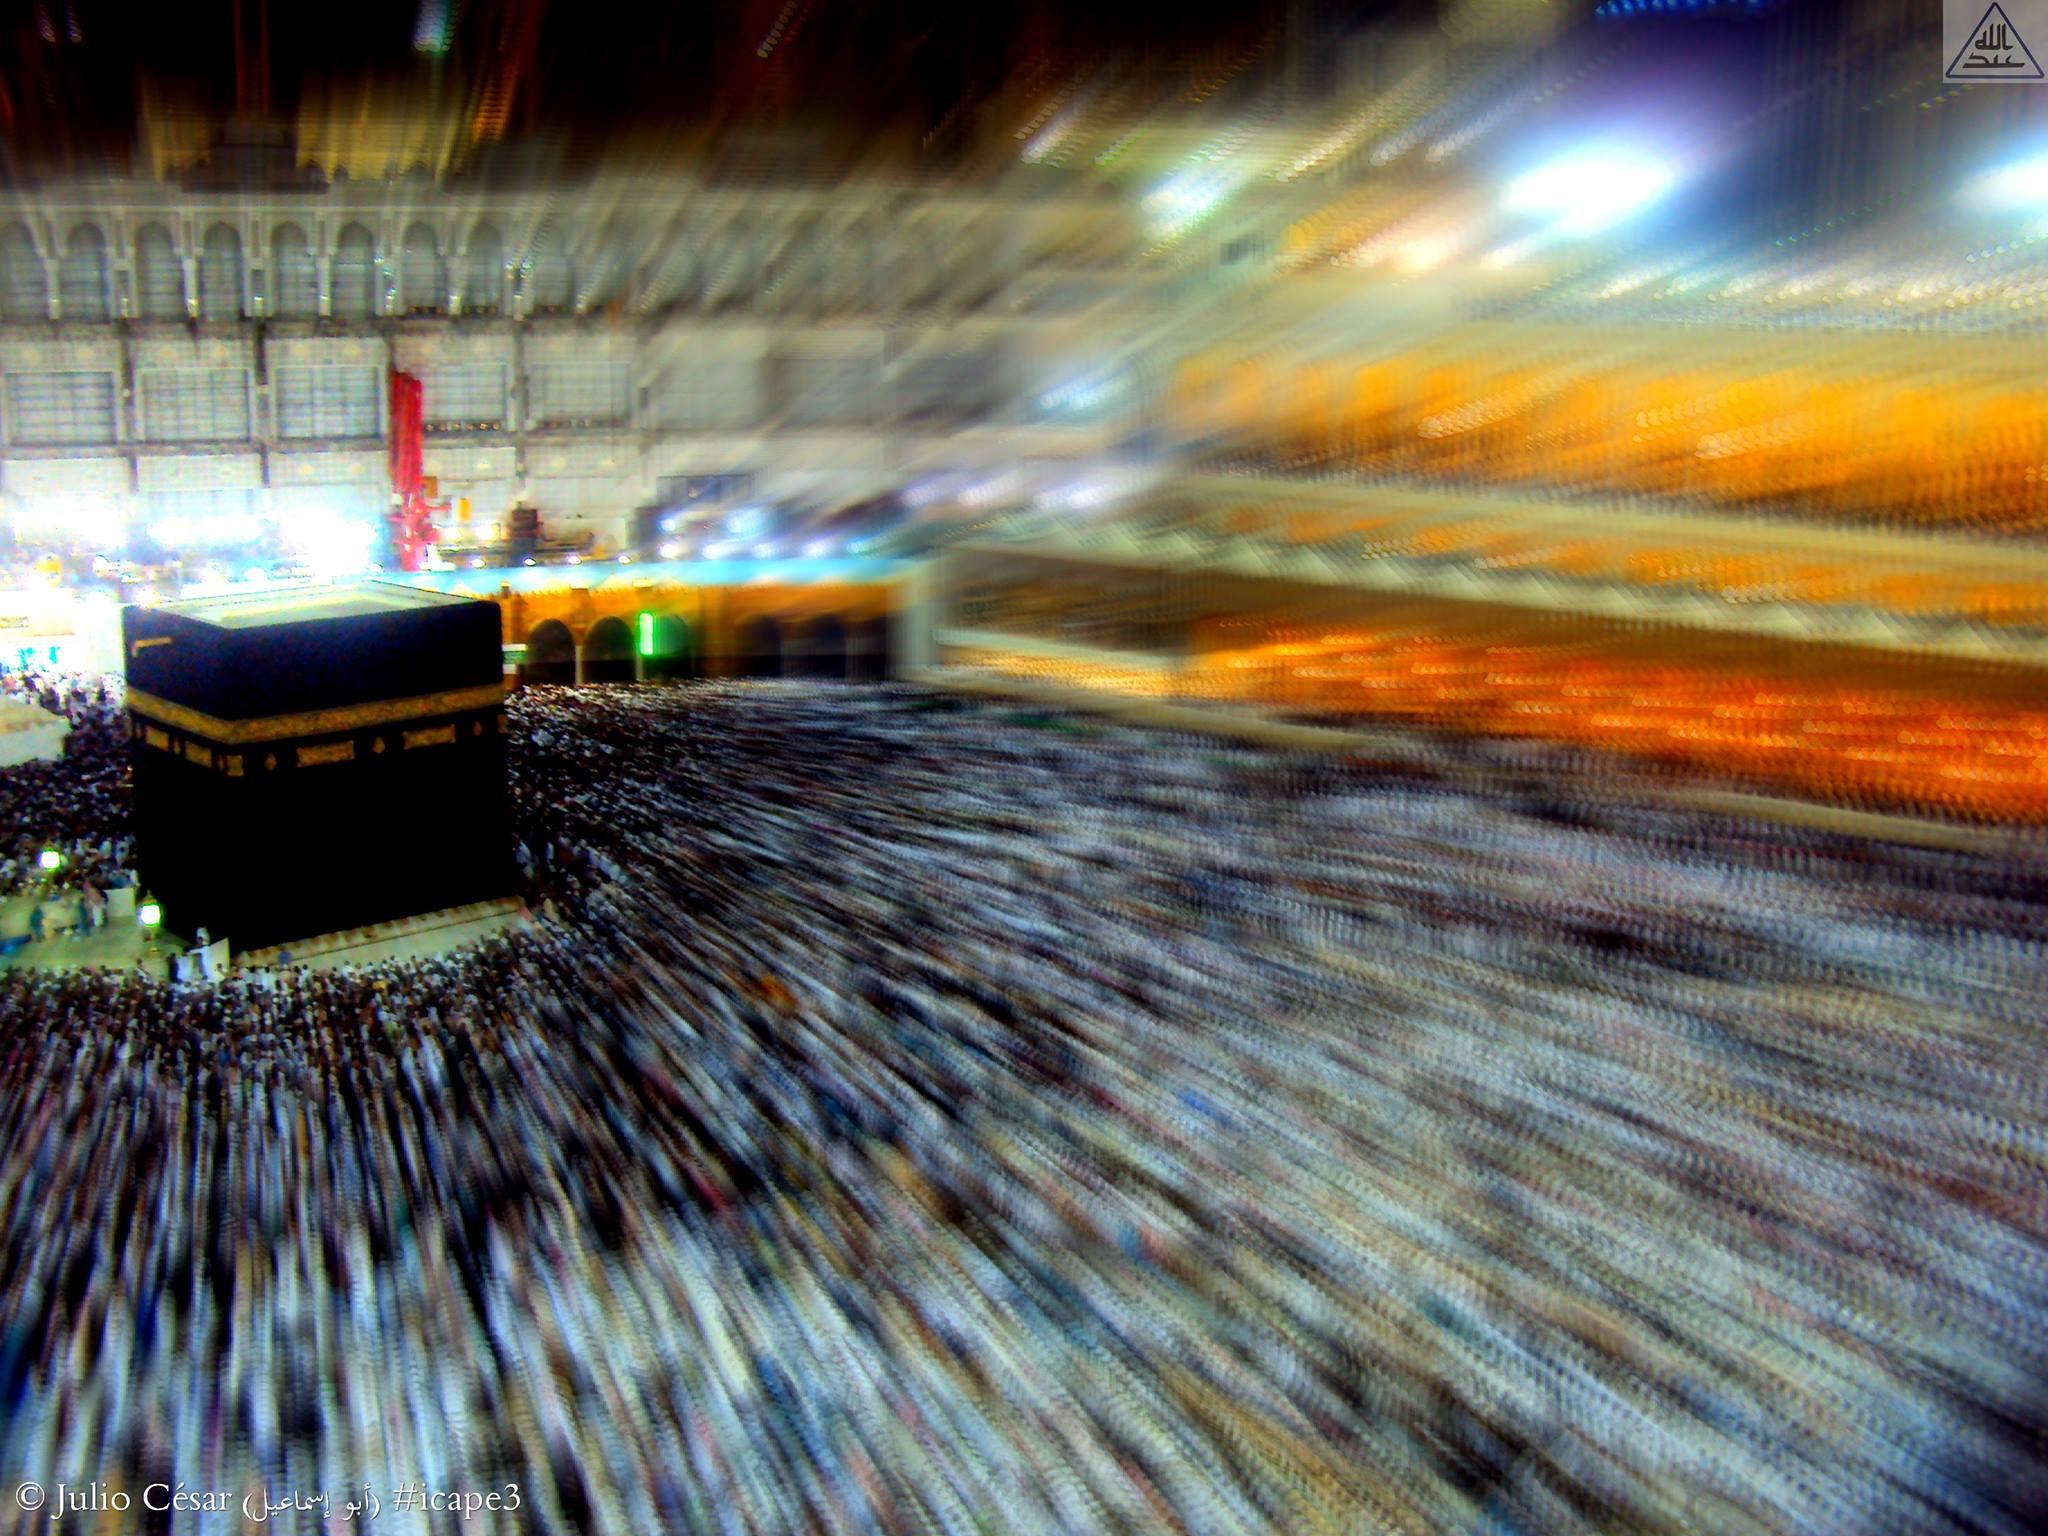 Qué es el monoteísmo islámico y porqué alejarse de la idolatría (audio)